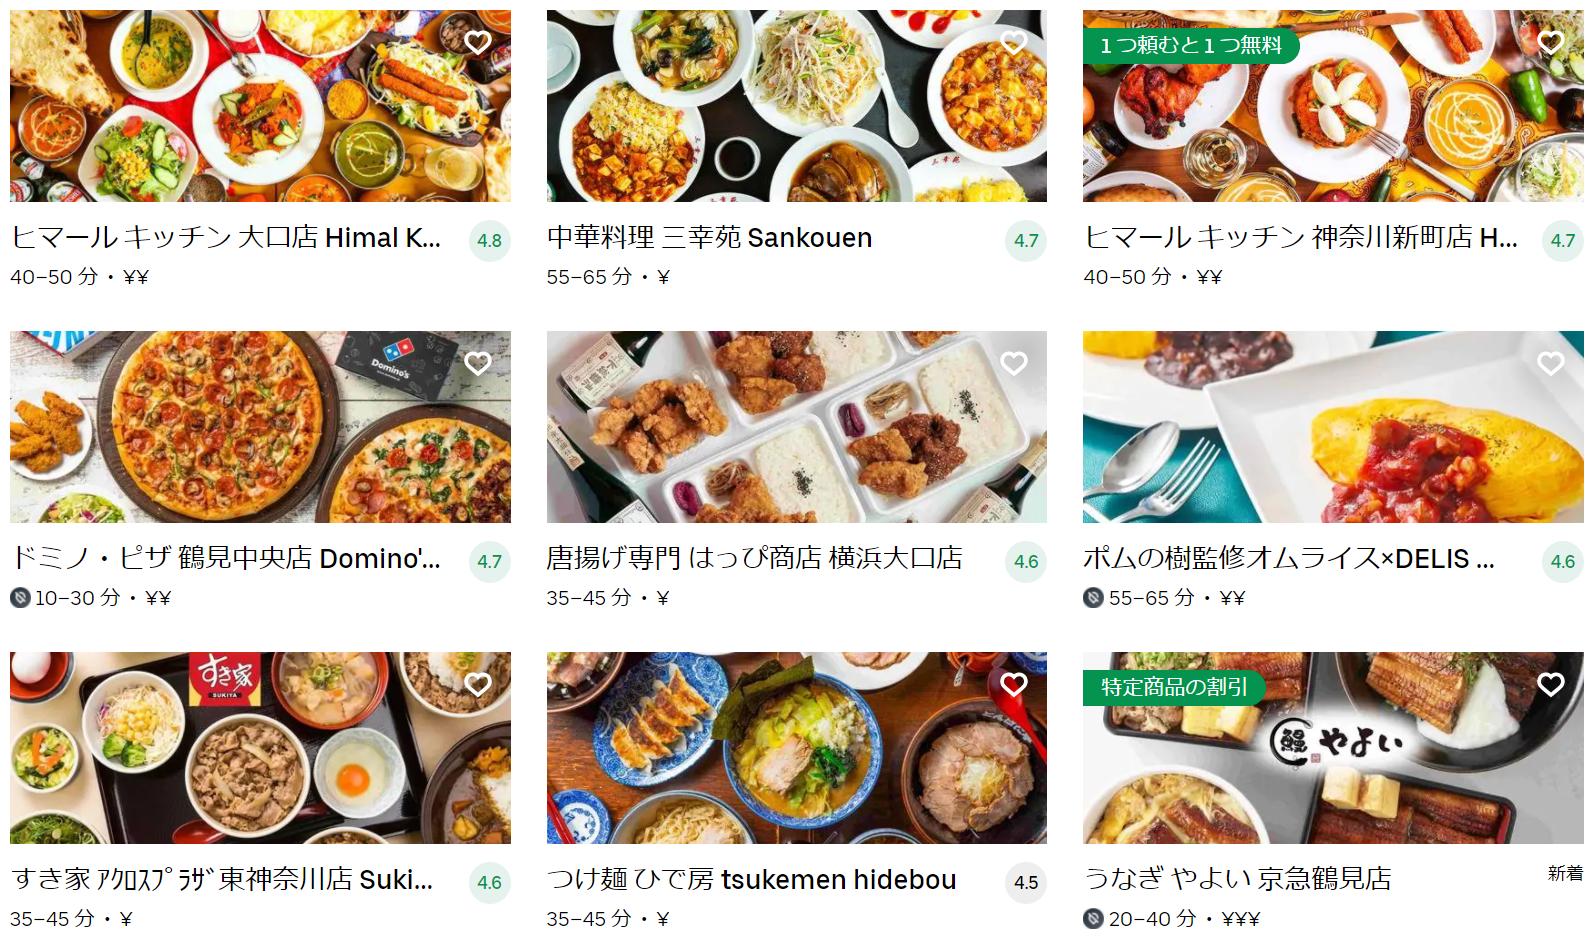 鶴見区エリアのおすすめUber Eats(ウーバーイーツ)メニュー